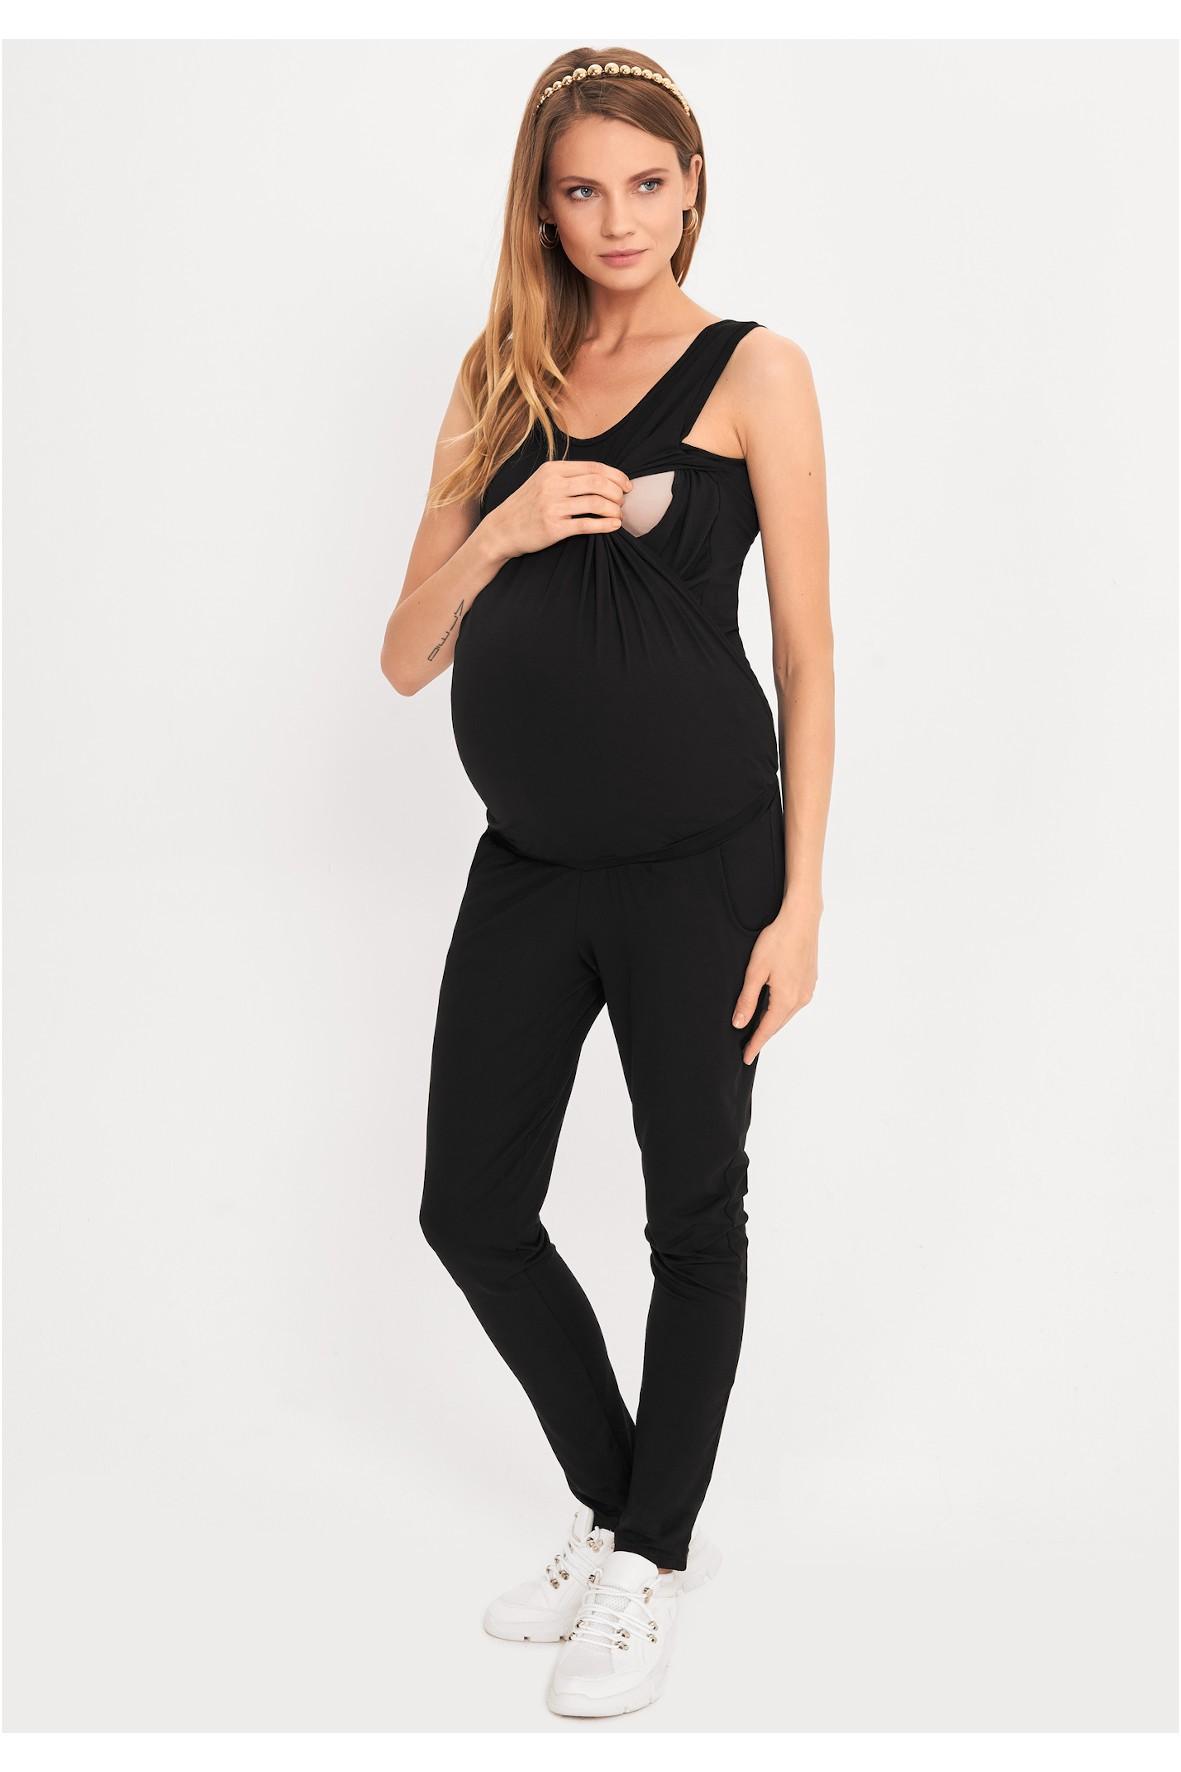 Czarny kombinezon ciążowy i dla karmiącej mamy bez rękawów